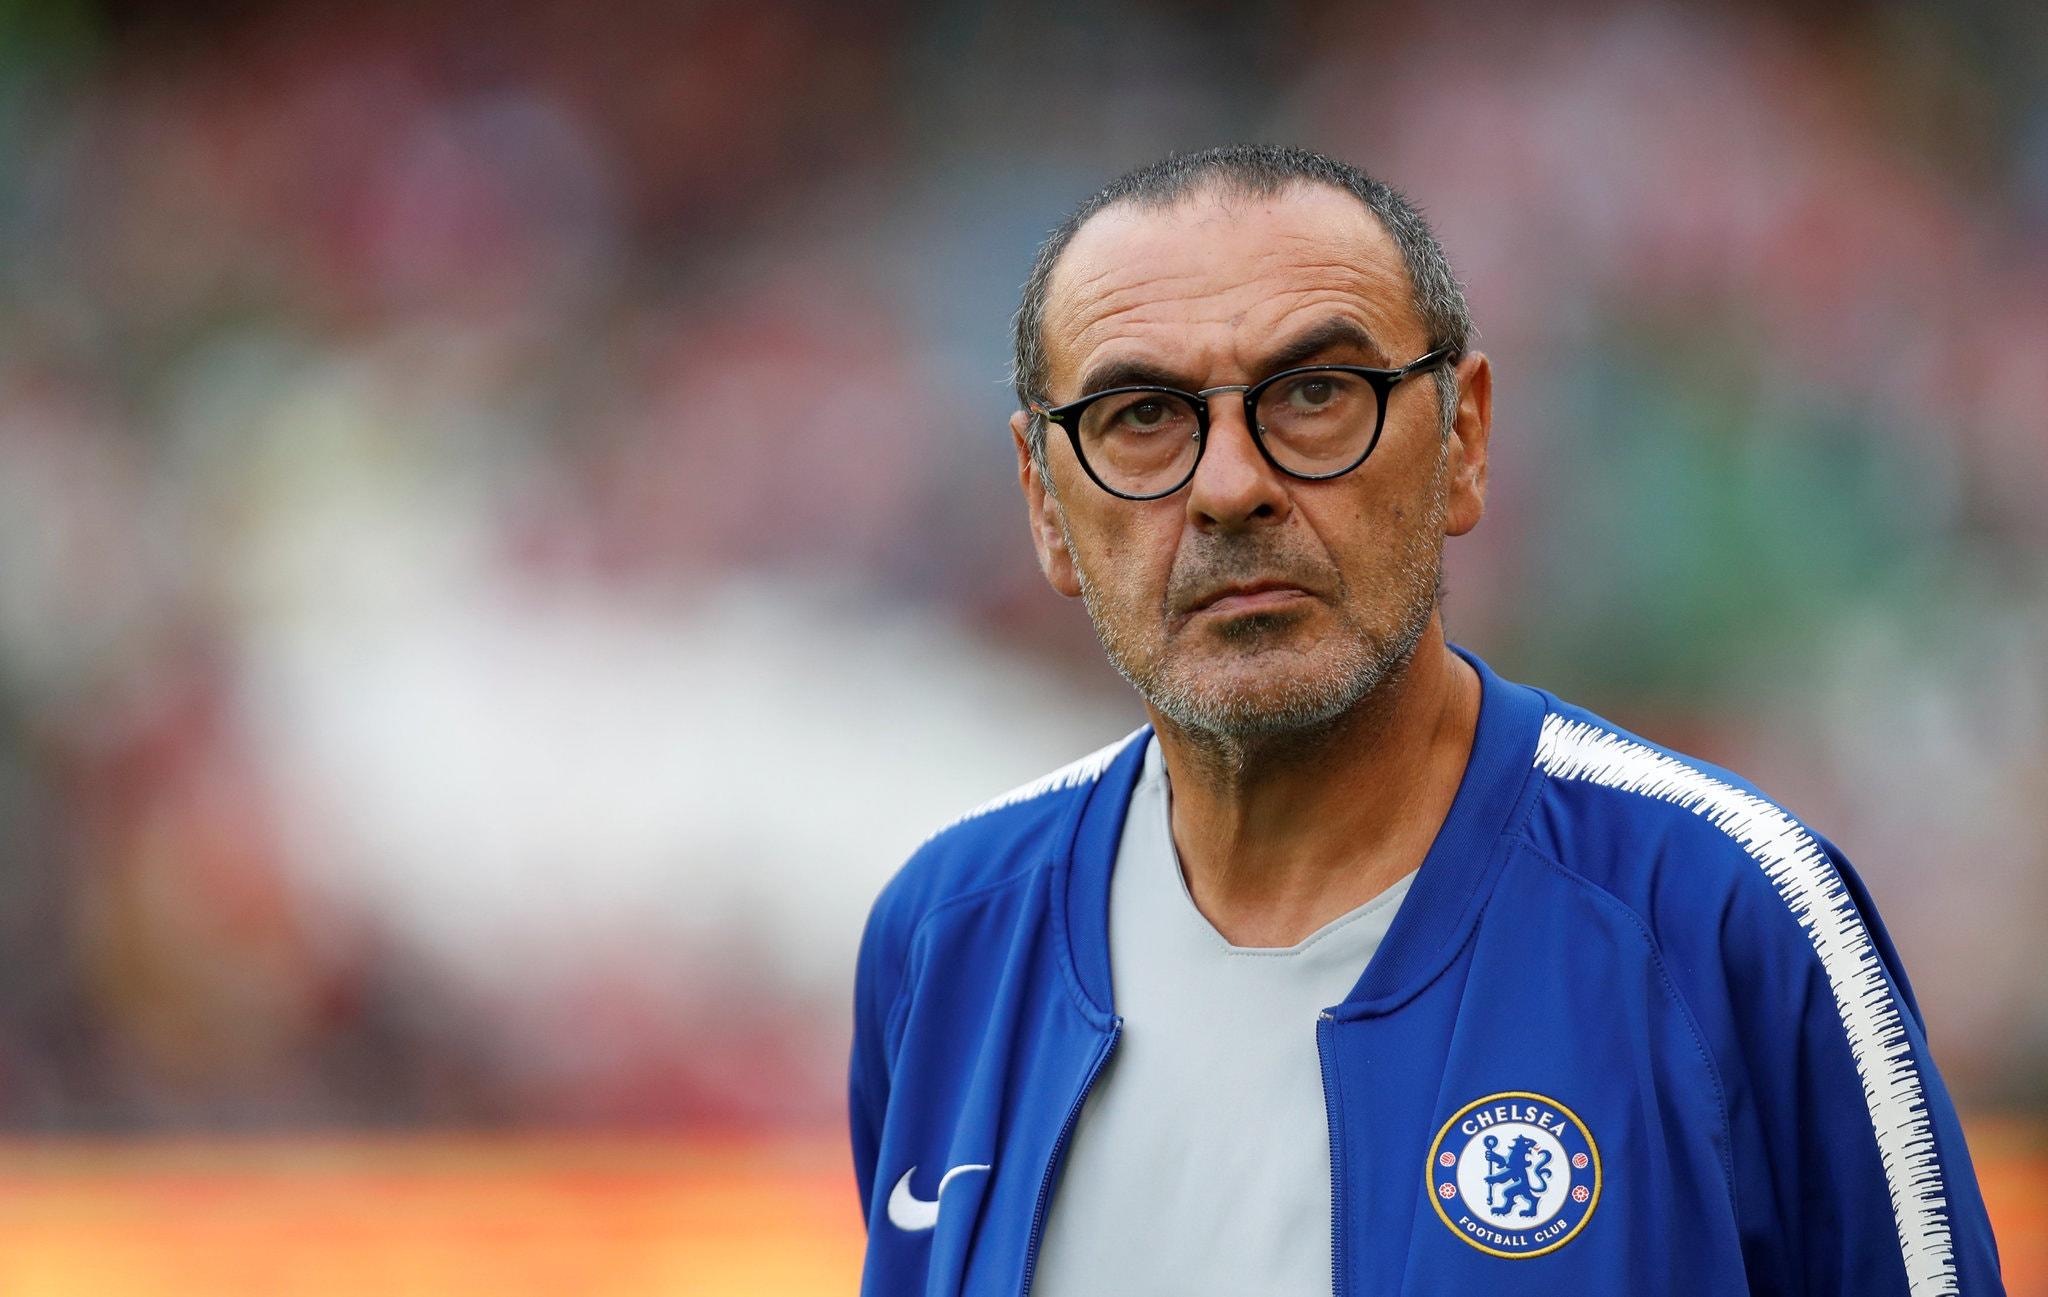 Sarri memiliki peluang bagus untuk kembali ke Chelsea, sebelum ambruk karena intervensi Abramovich.  Selama memimpin Chelsea pada musim 2018-2019, ia dan timnya menang 39 kali, imbang 13 kali, dan kalah 11 kali dalam 63 pertandingan.  Foto: Reuters